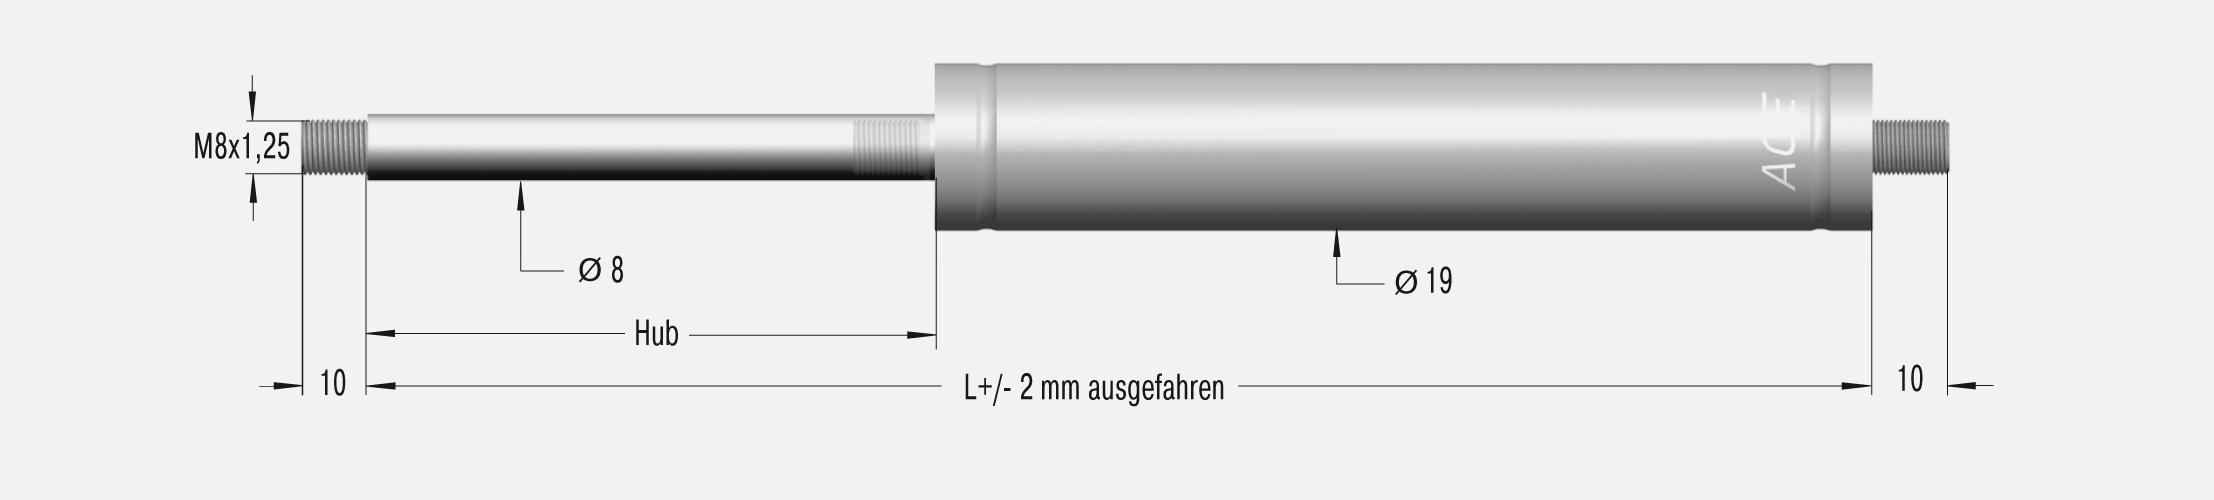 GS-19-150-V4A